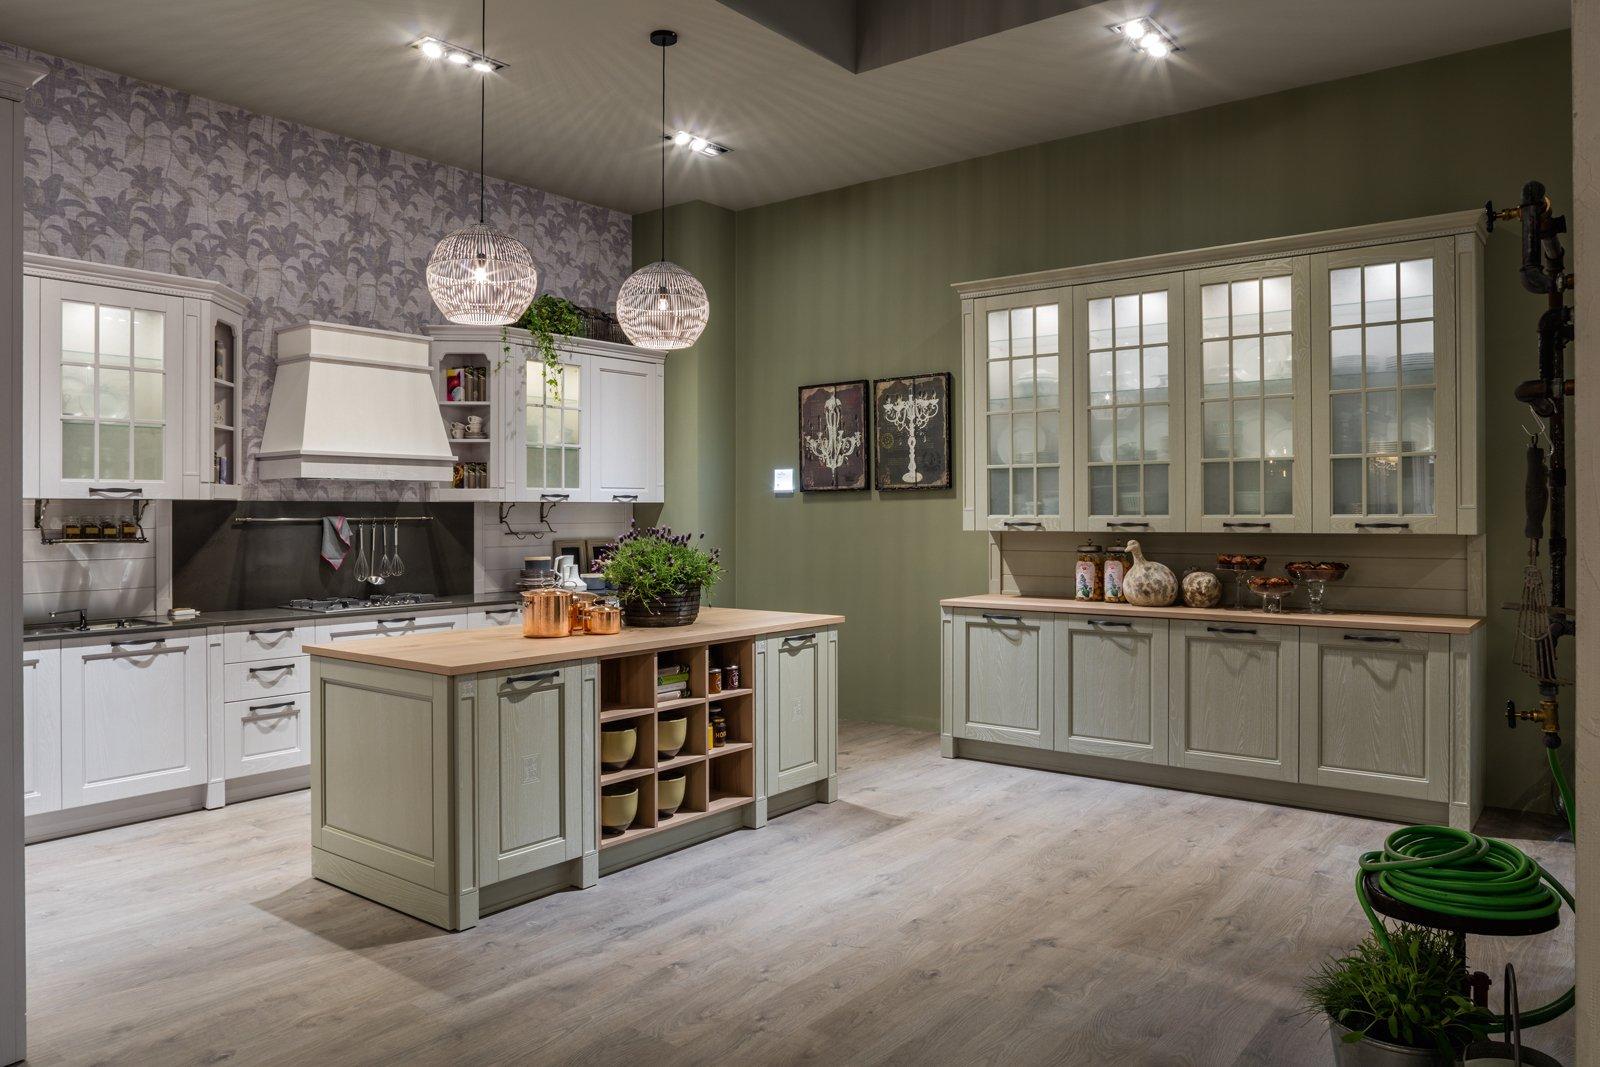 Credenza Cucina Con Vetrina : Cucina con vetrina. soprattutto classica o in stile industriale